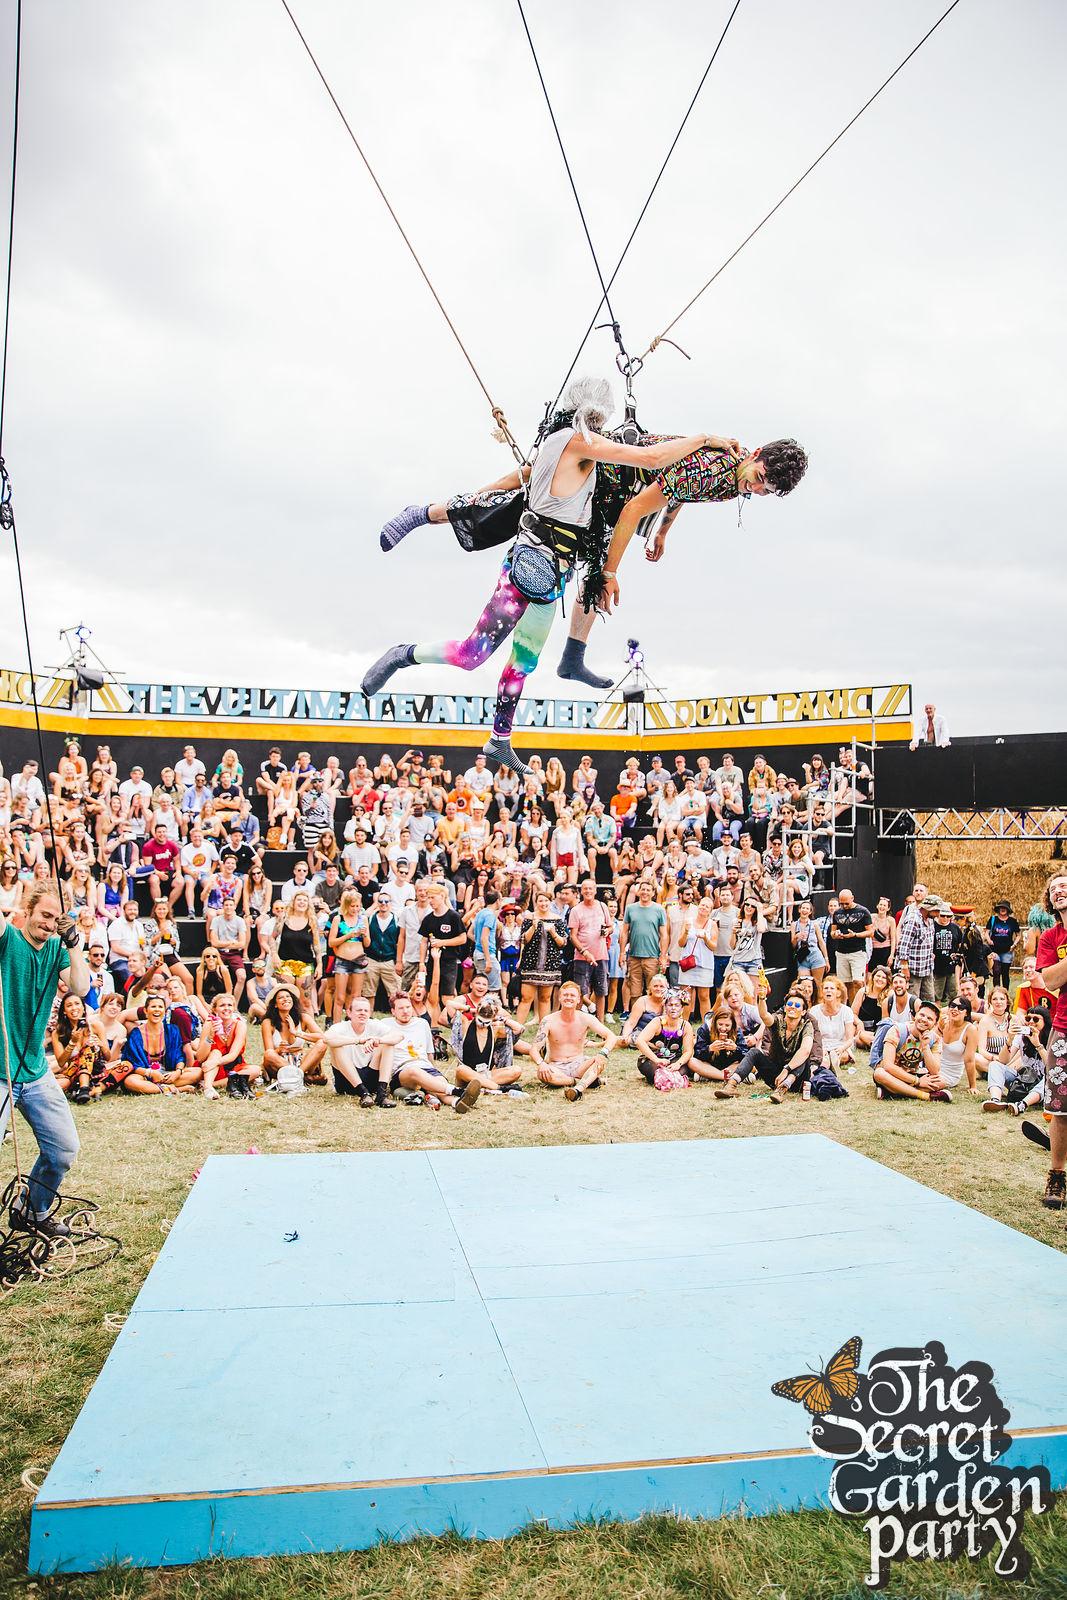 Aerial Sock Wrestling